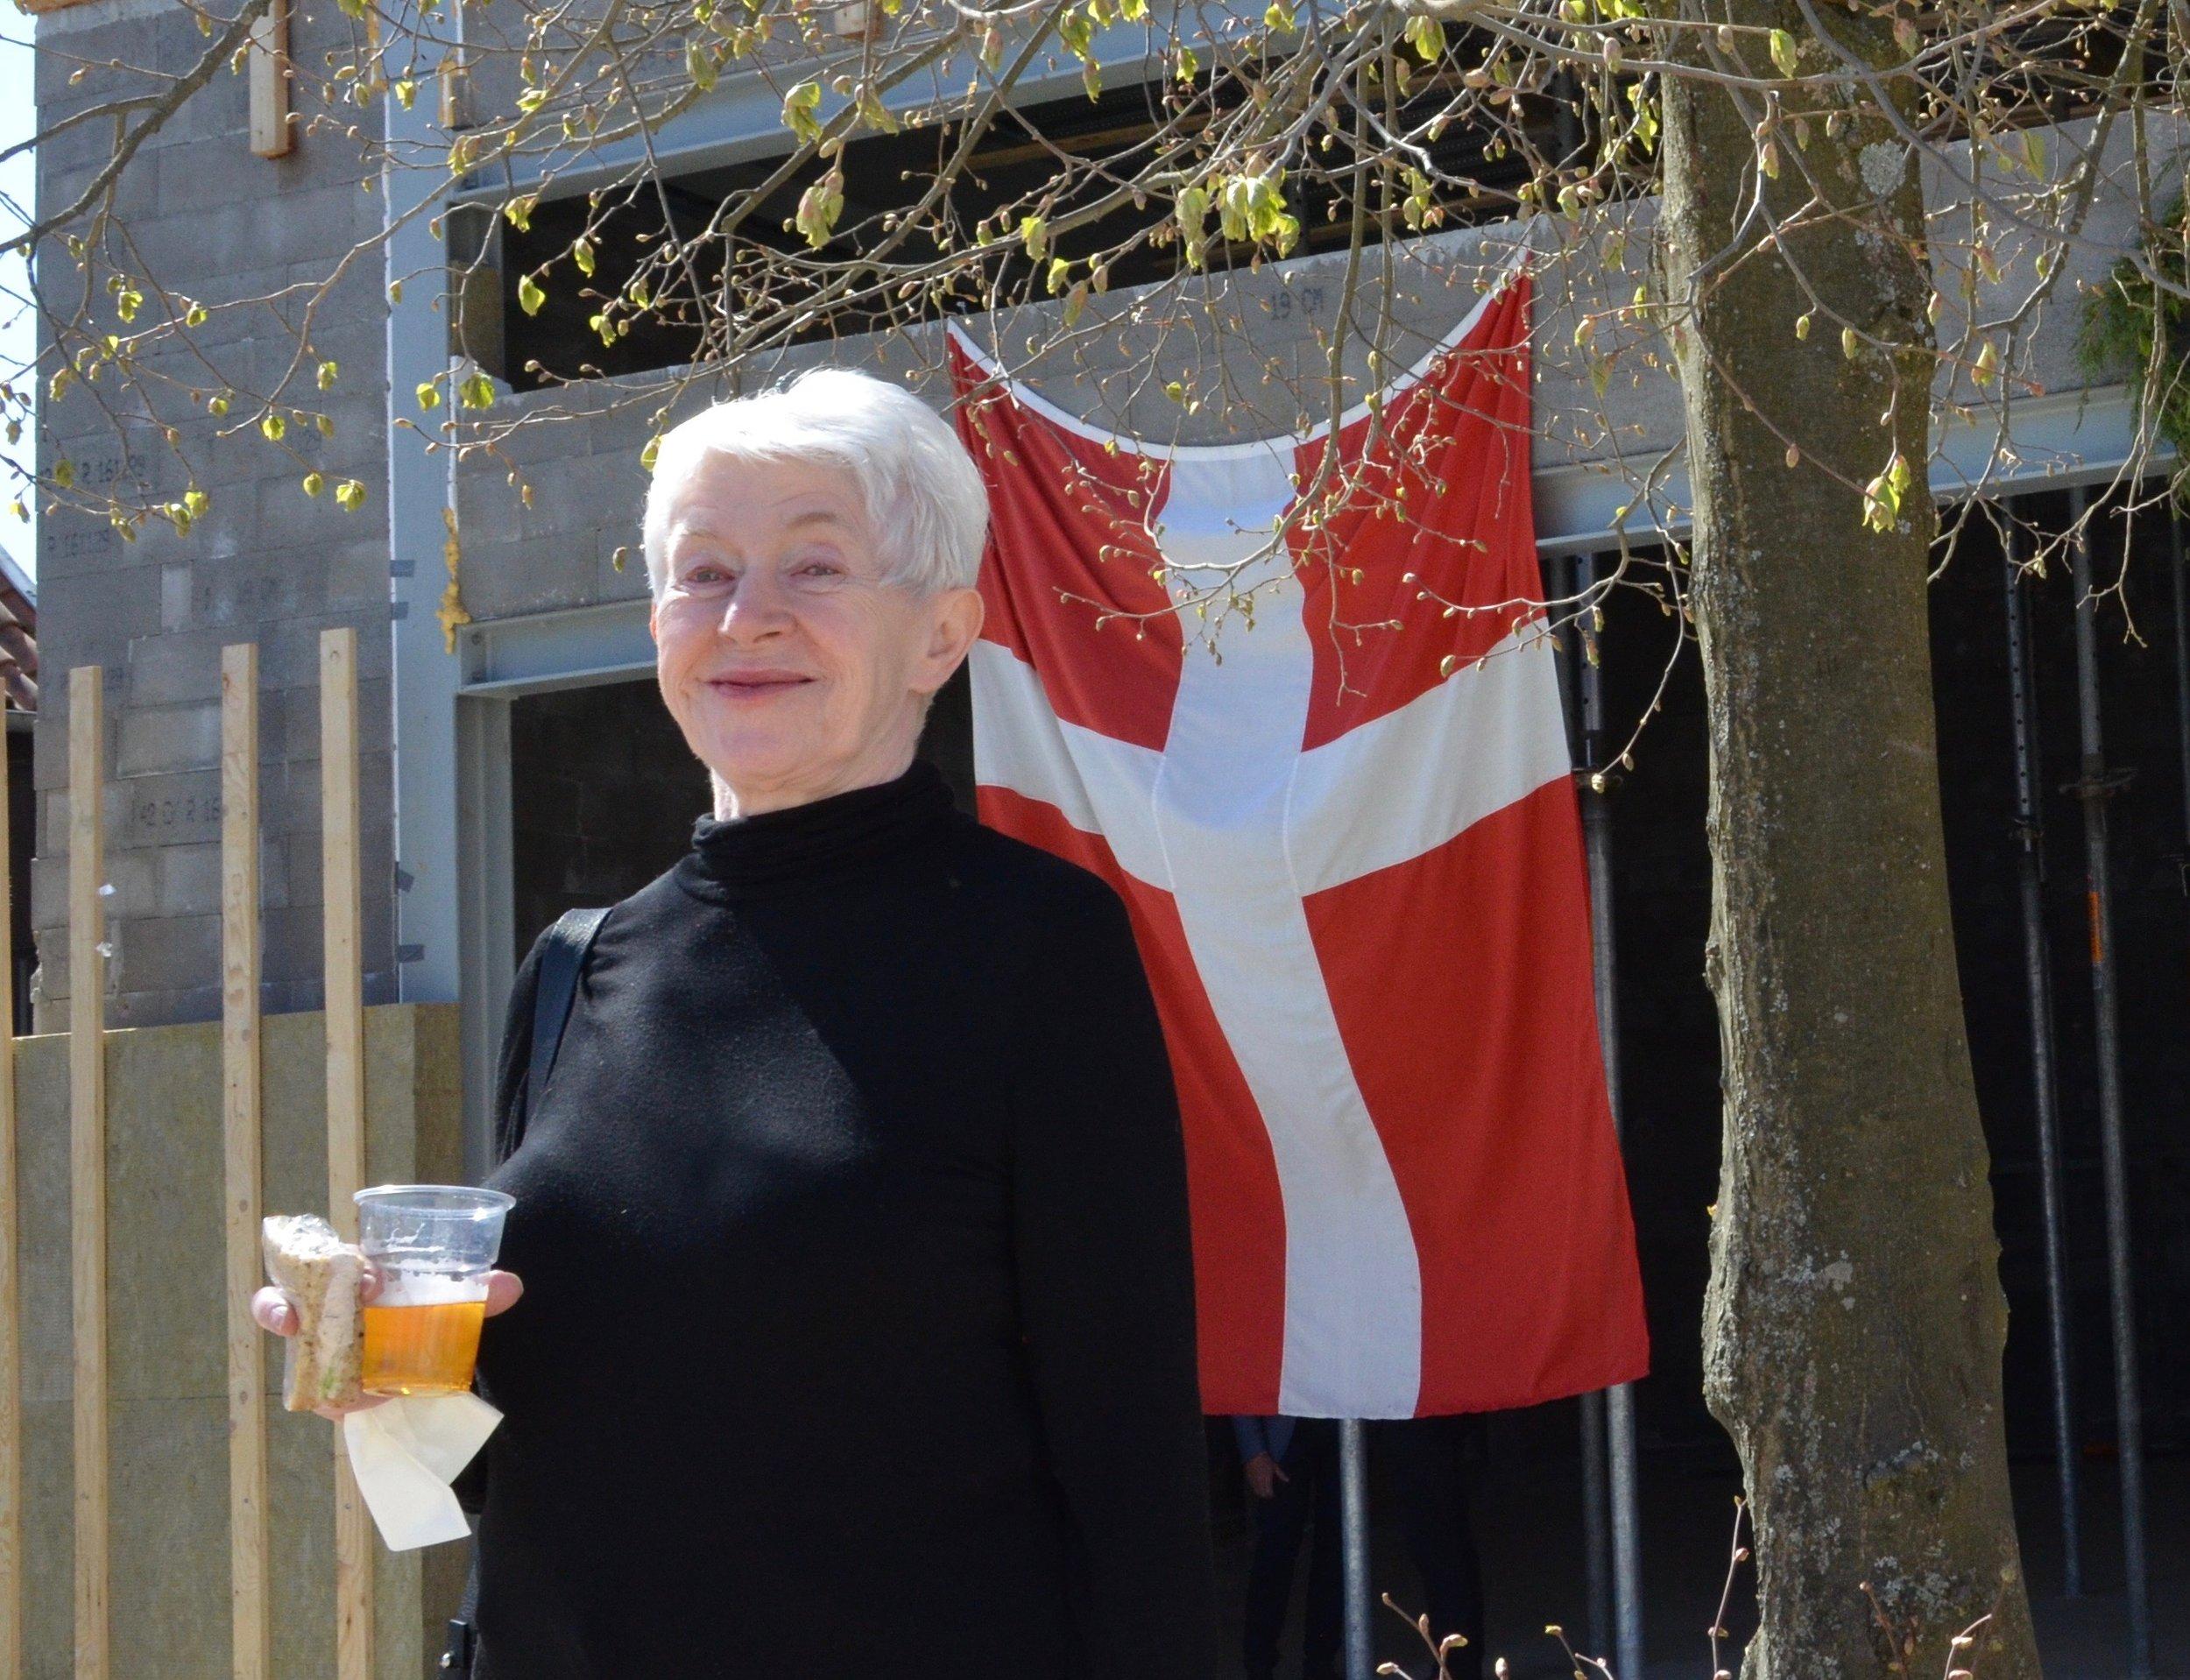 Blovstrød-borgeren Tonna Nielsen,som er årsag til at 'vores alles koncertsal'bliver en realitet,var også med til at fejre rejsegildet. Foto:AOB